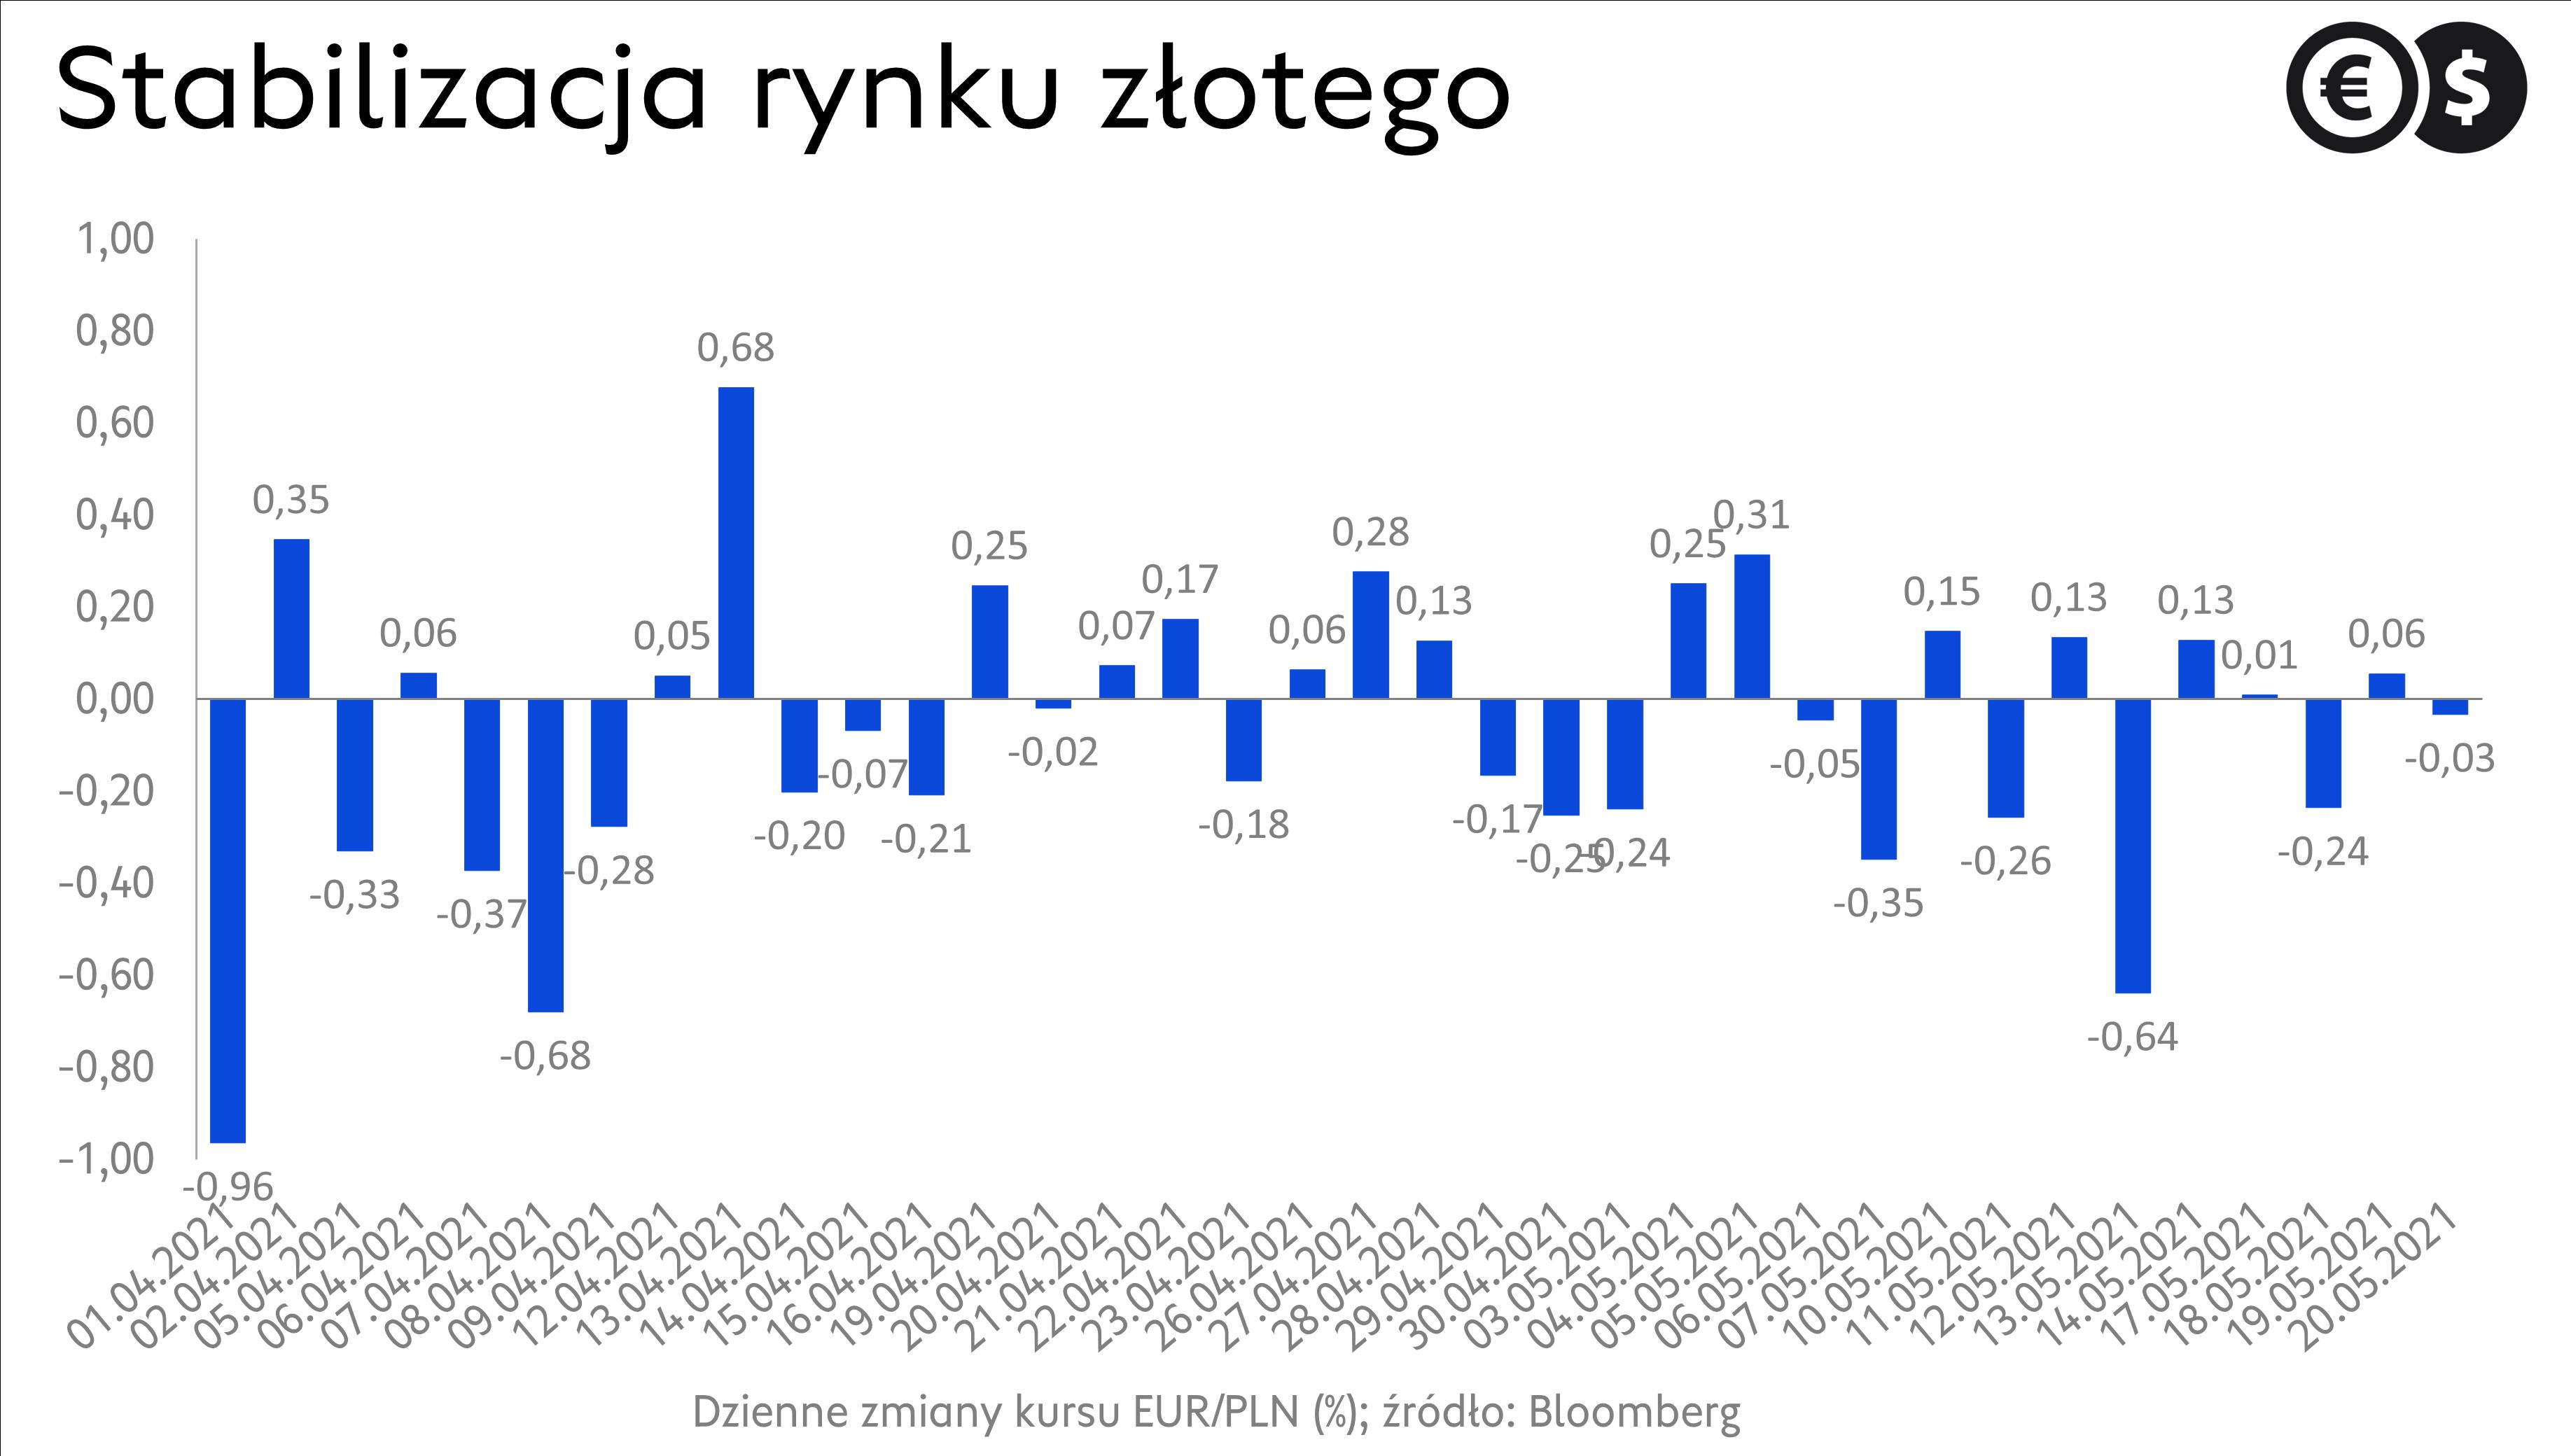 Kurs euro, dzienne zmiany EUR/PLN; źródło: Bloomberg